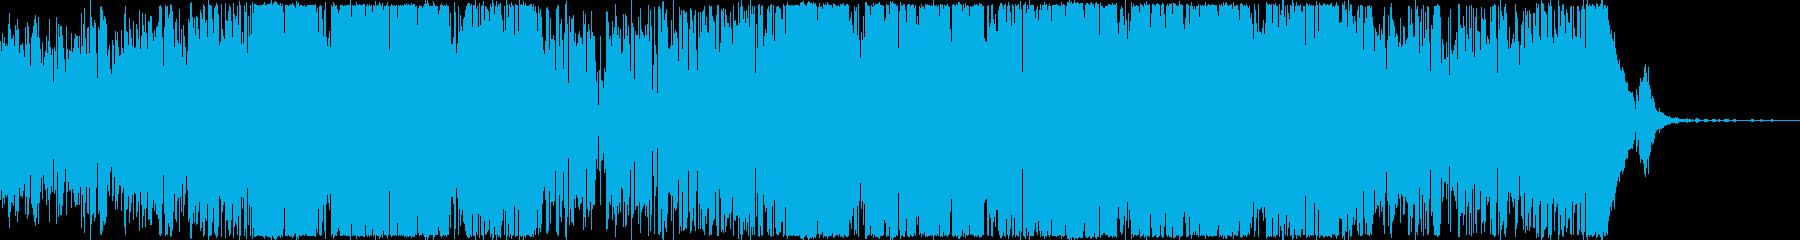 Youtube・映像・楽しい・ファンクの再生済みの波形